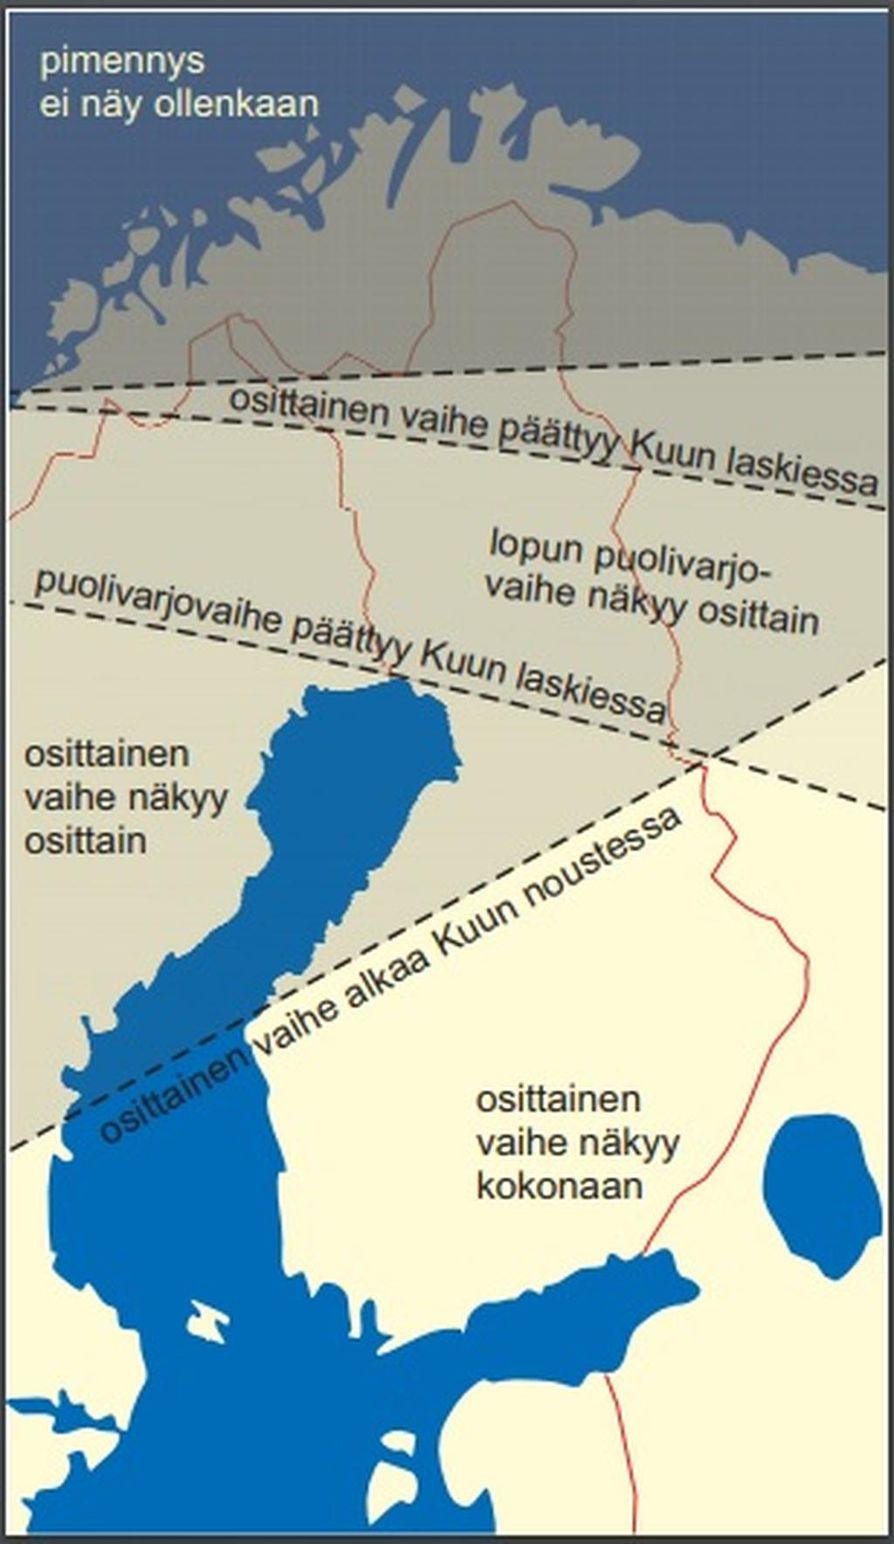 Parhaiten pimennys näkyy Etelä-Suomessa, jossa osittaisen vaiheen voi nähdä kokonaan ja vain alun puolivarjopimennyksestä osa jää näkemättä. Vaasa-Kajaani-linjan pohjoispuolella osittainen vaihe näkyy vain osittain. Pohjoisemmas mentäessä Kuu laskee varhemmin, ja osittaisen vaiheen loppuosa voi jäädä näkymättä. Aivan maan pohjoisosissa koko pimennys jää horisontin taakse.